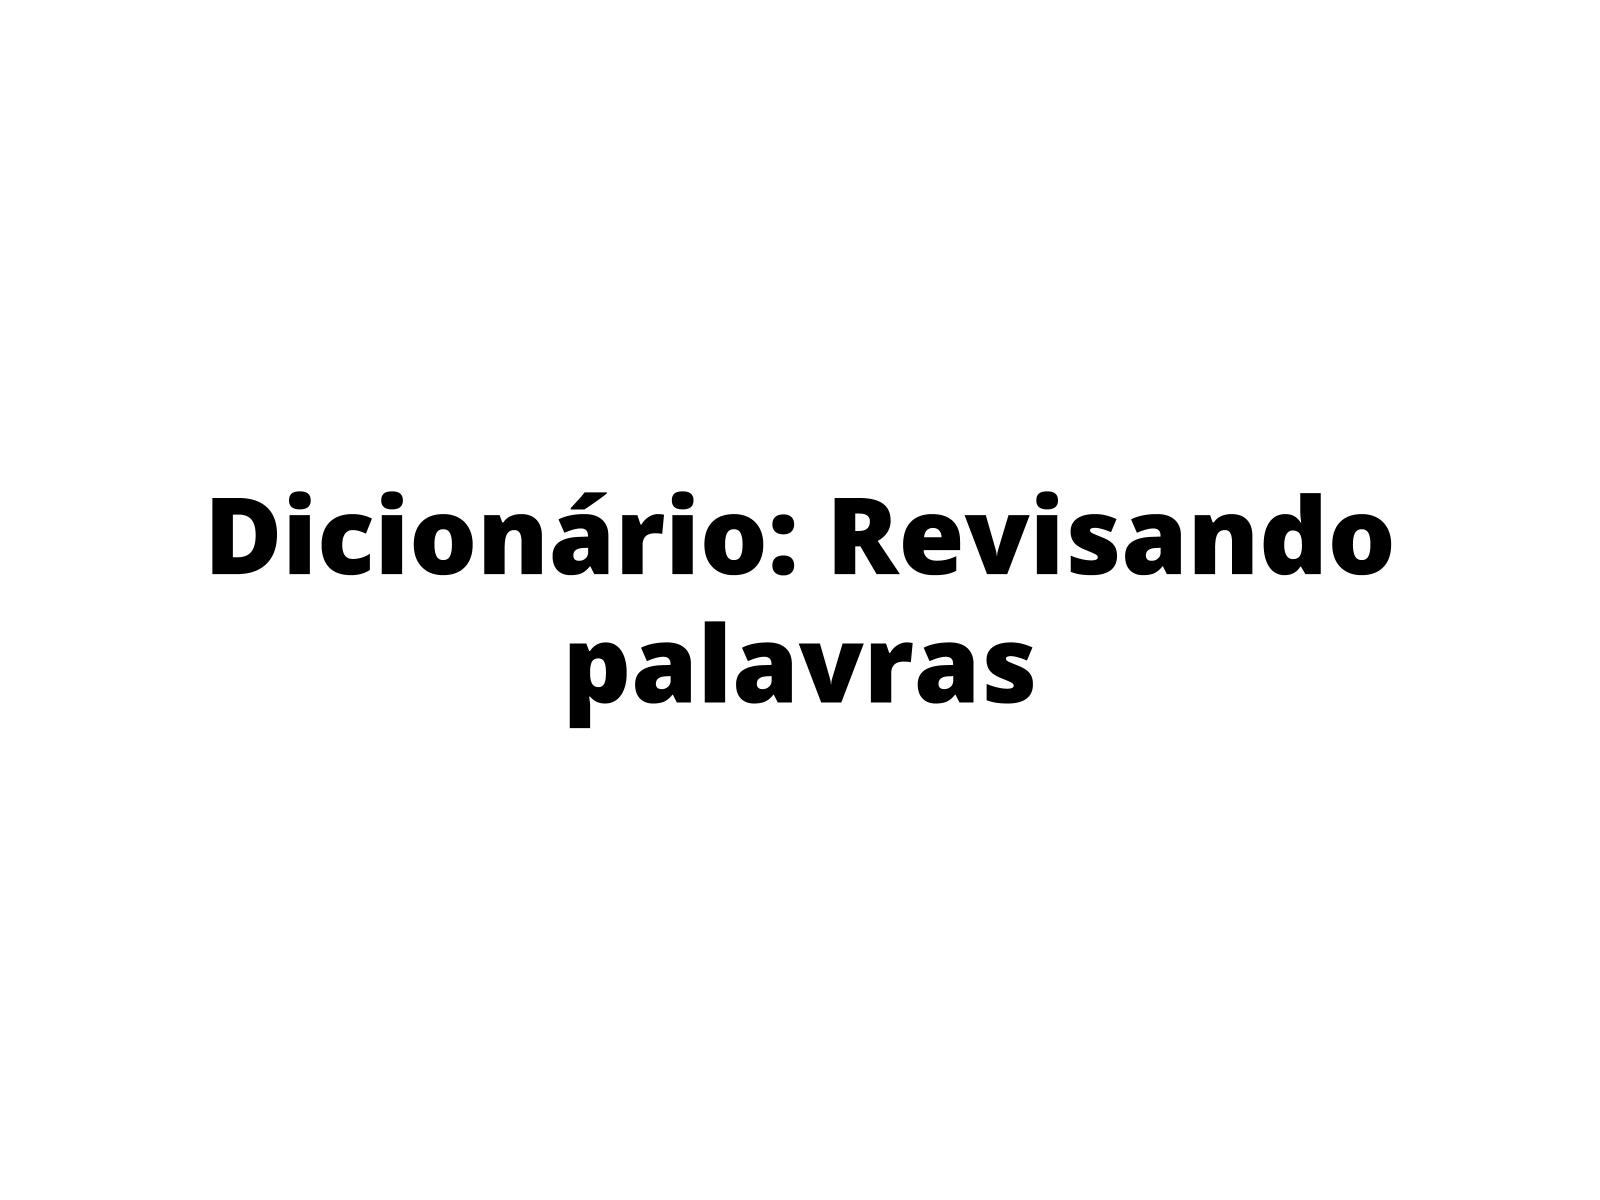 Dicionário: uma alternativa para a correção ortográfica